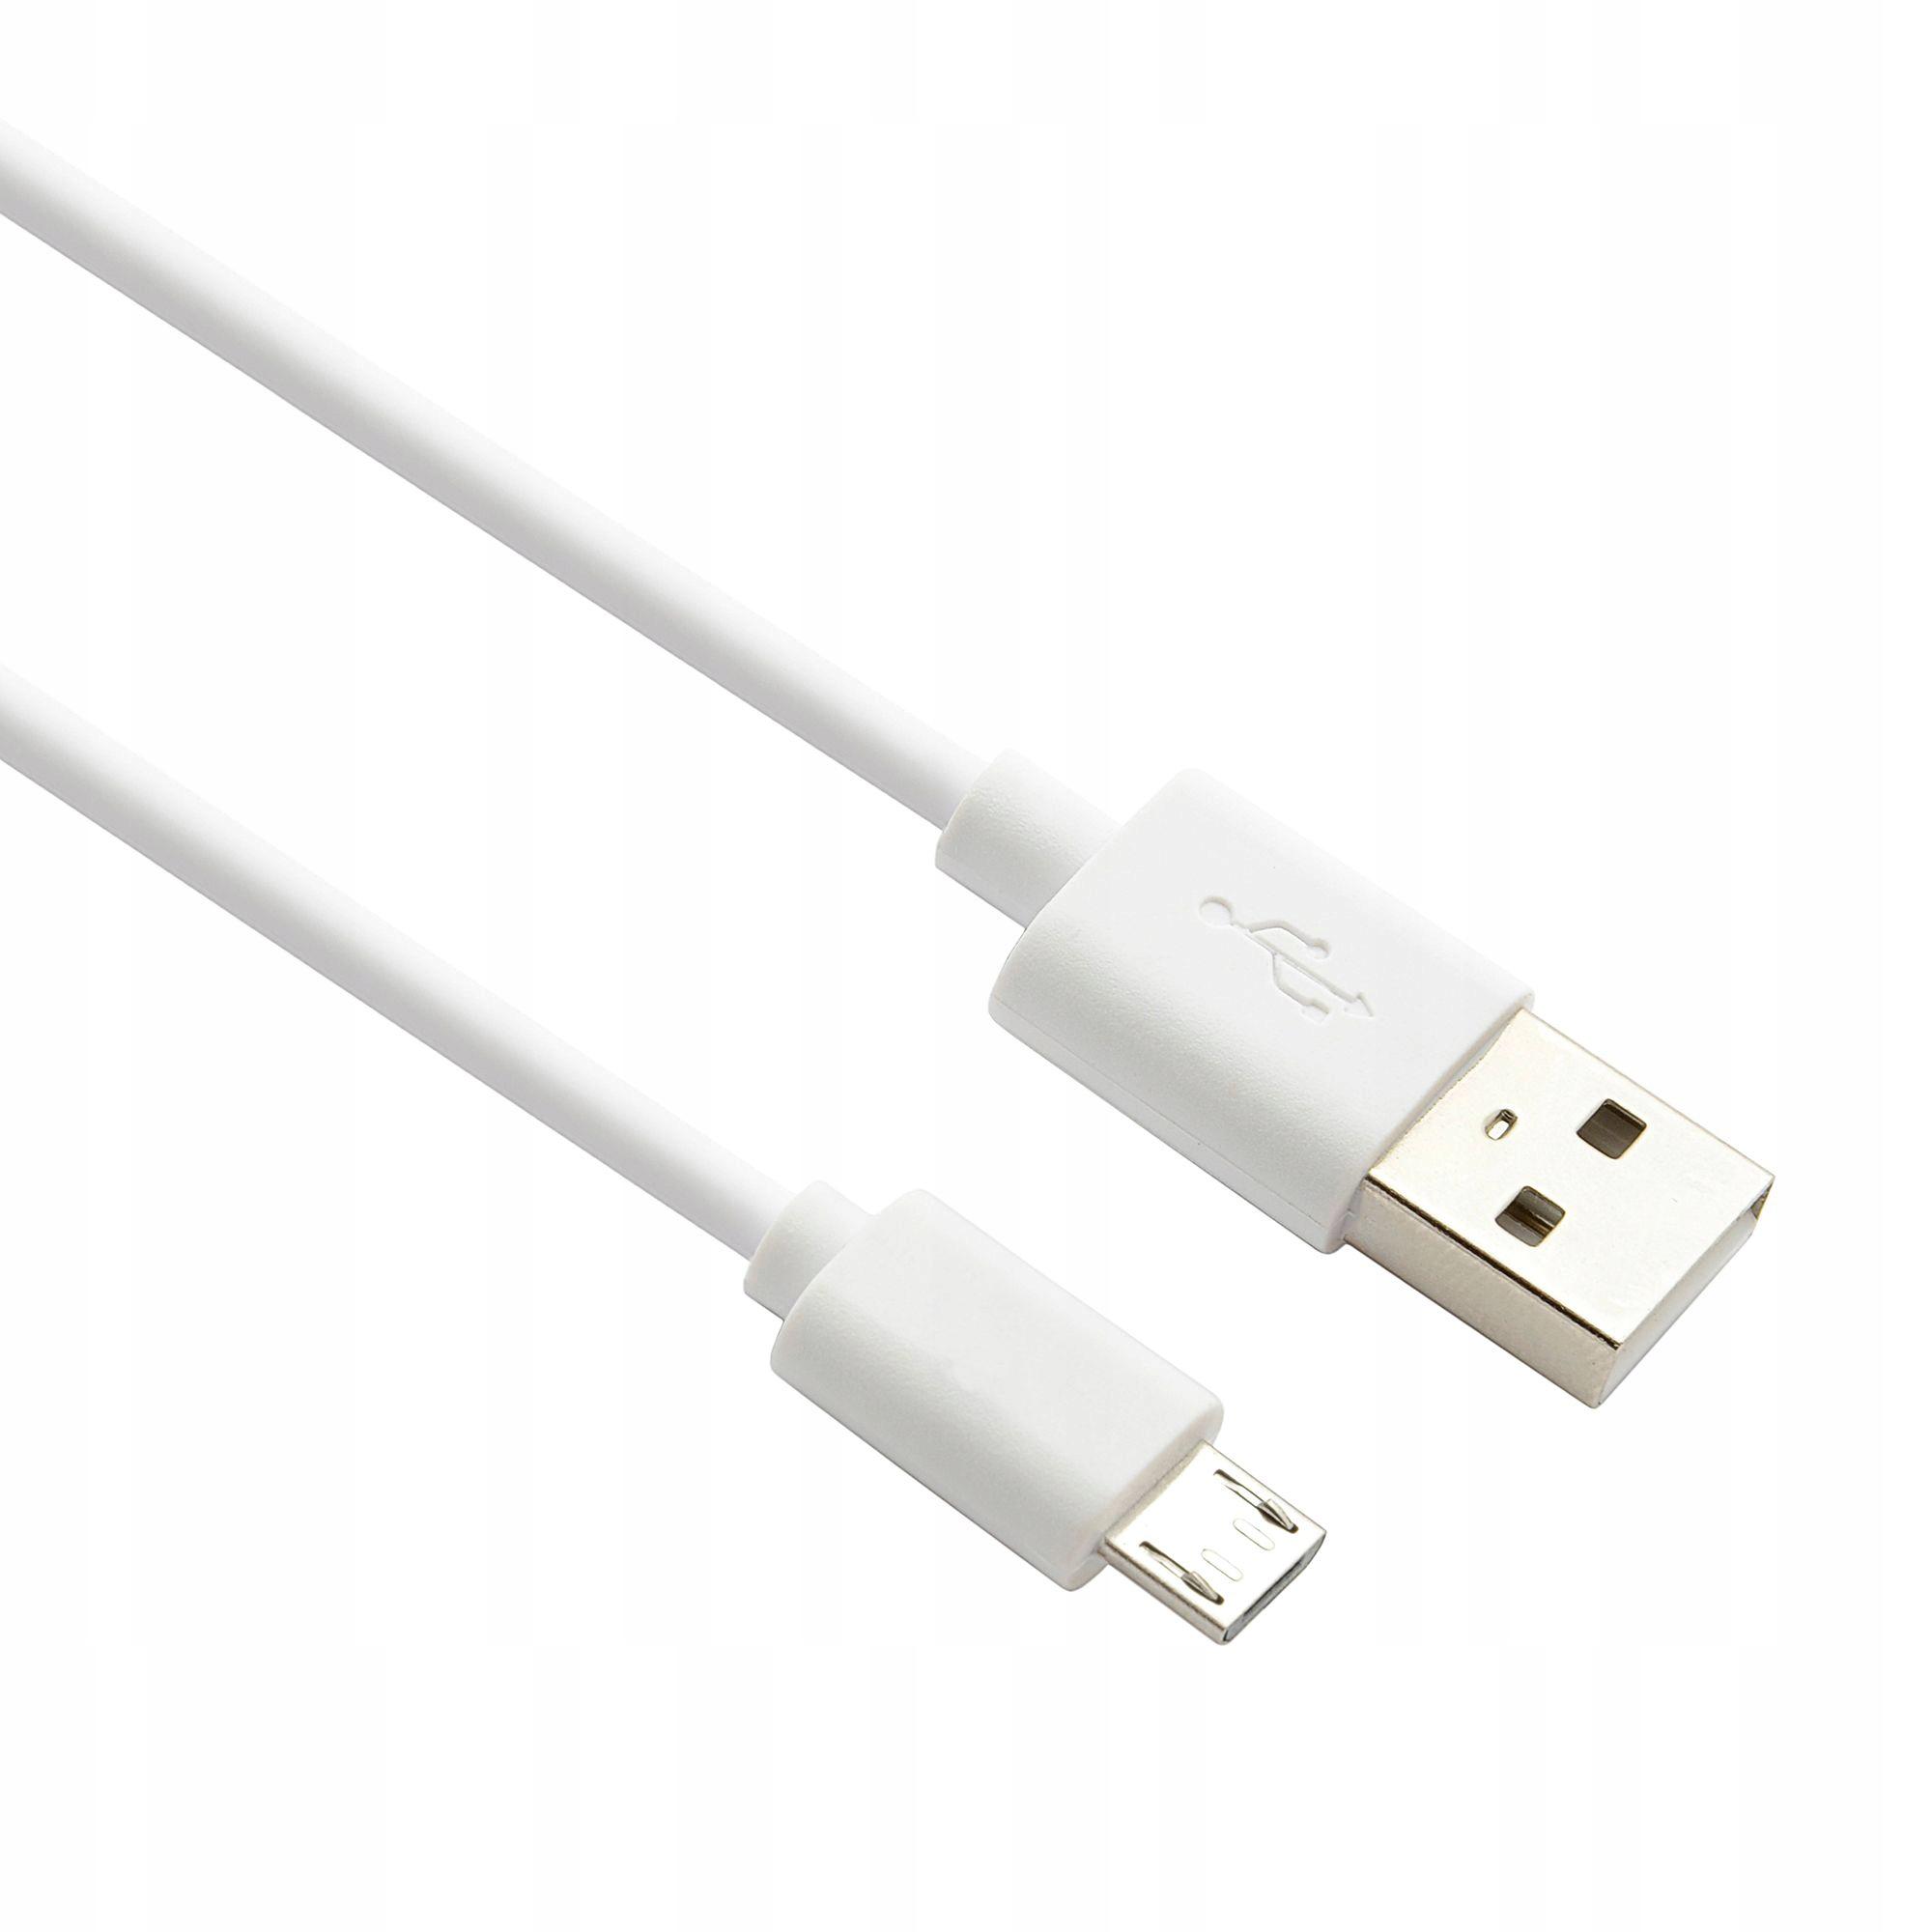 KABEL USB NOWY ORYGINALNY - MICRO USB 1m BIAŁY